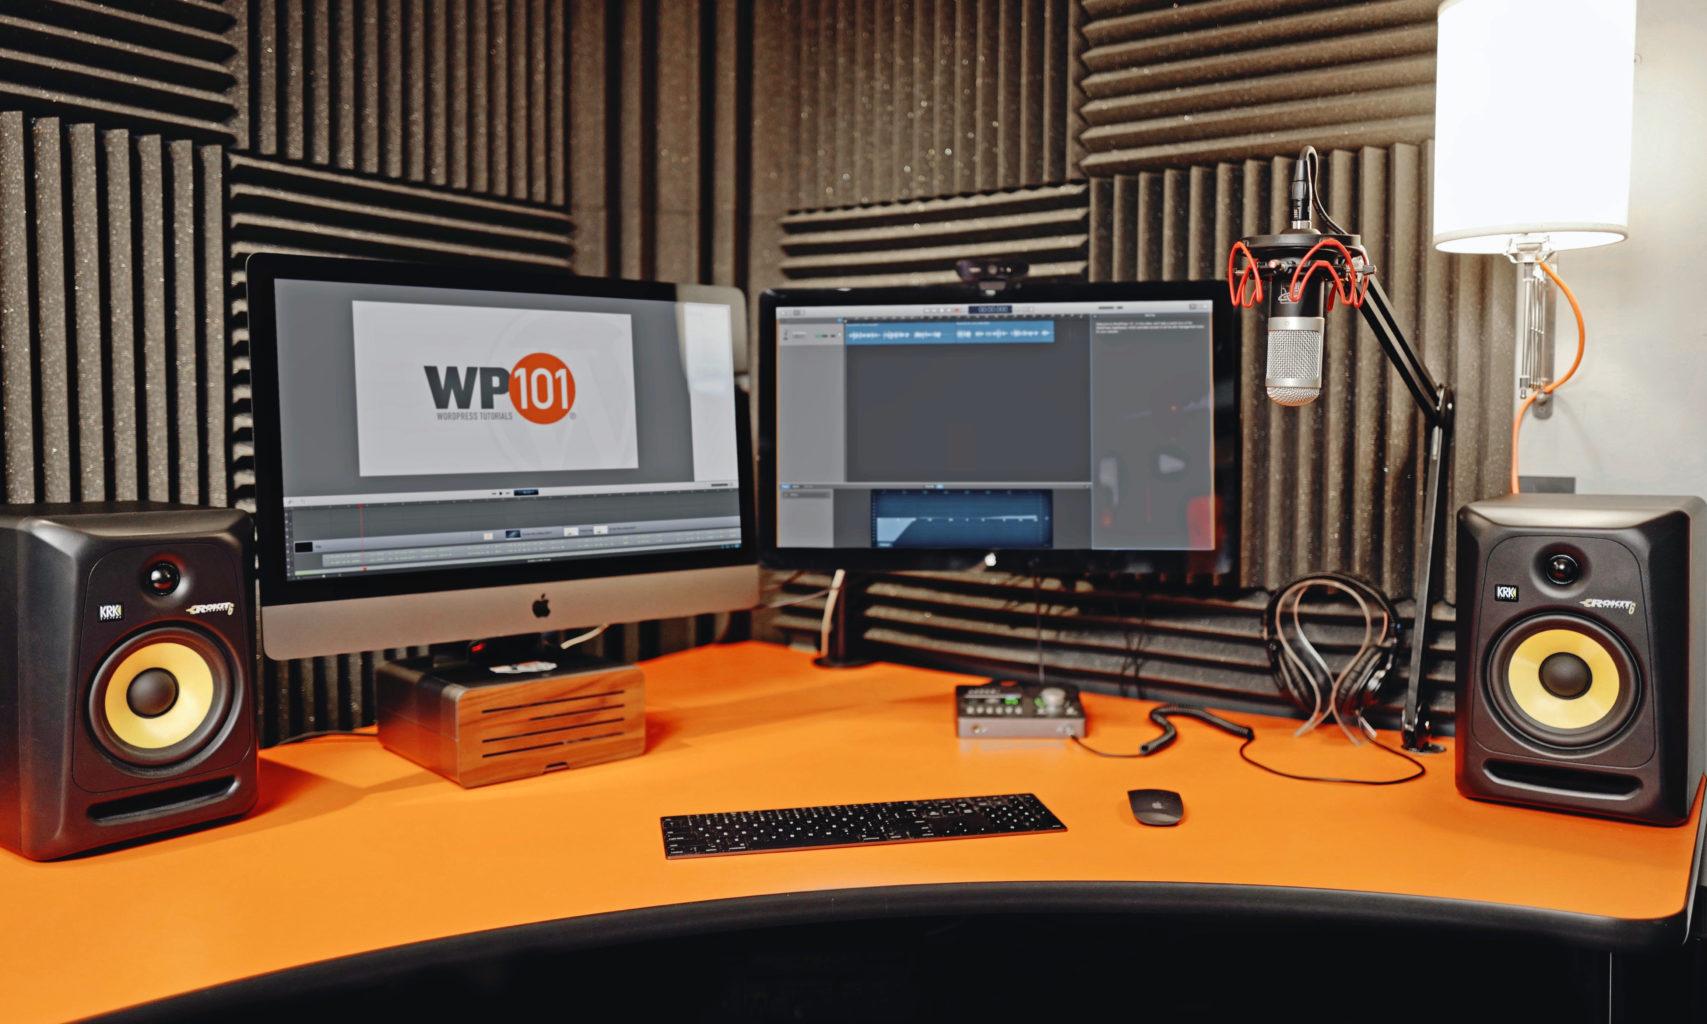 WP101 Studio 2018